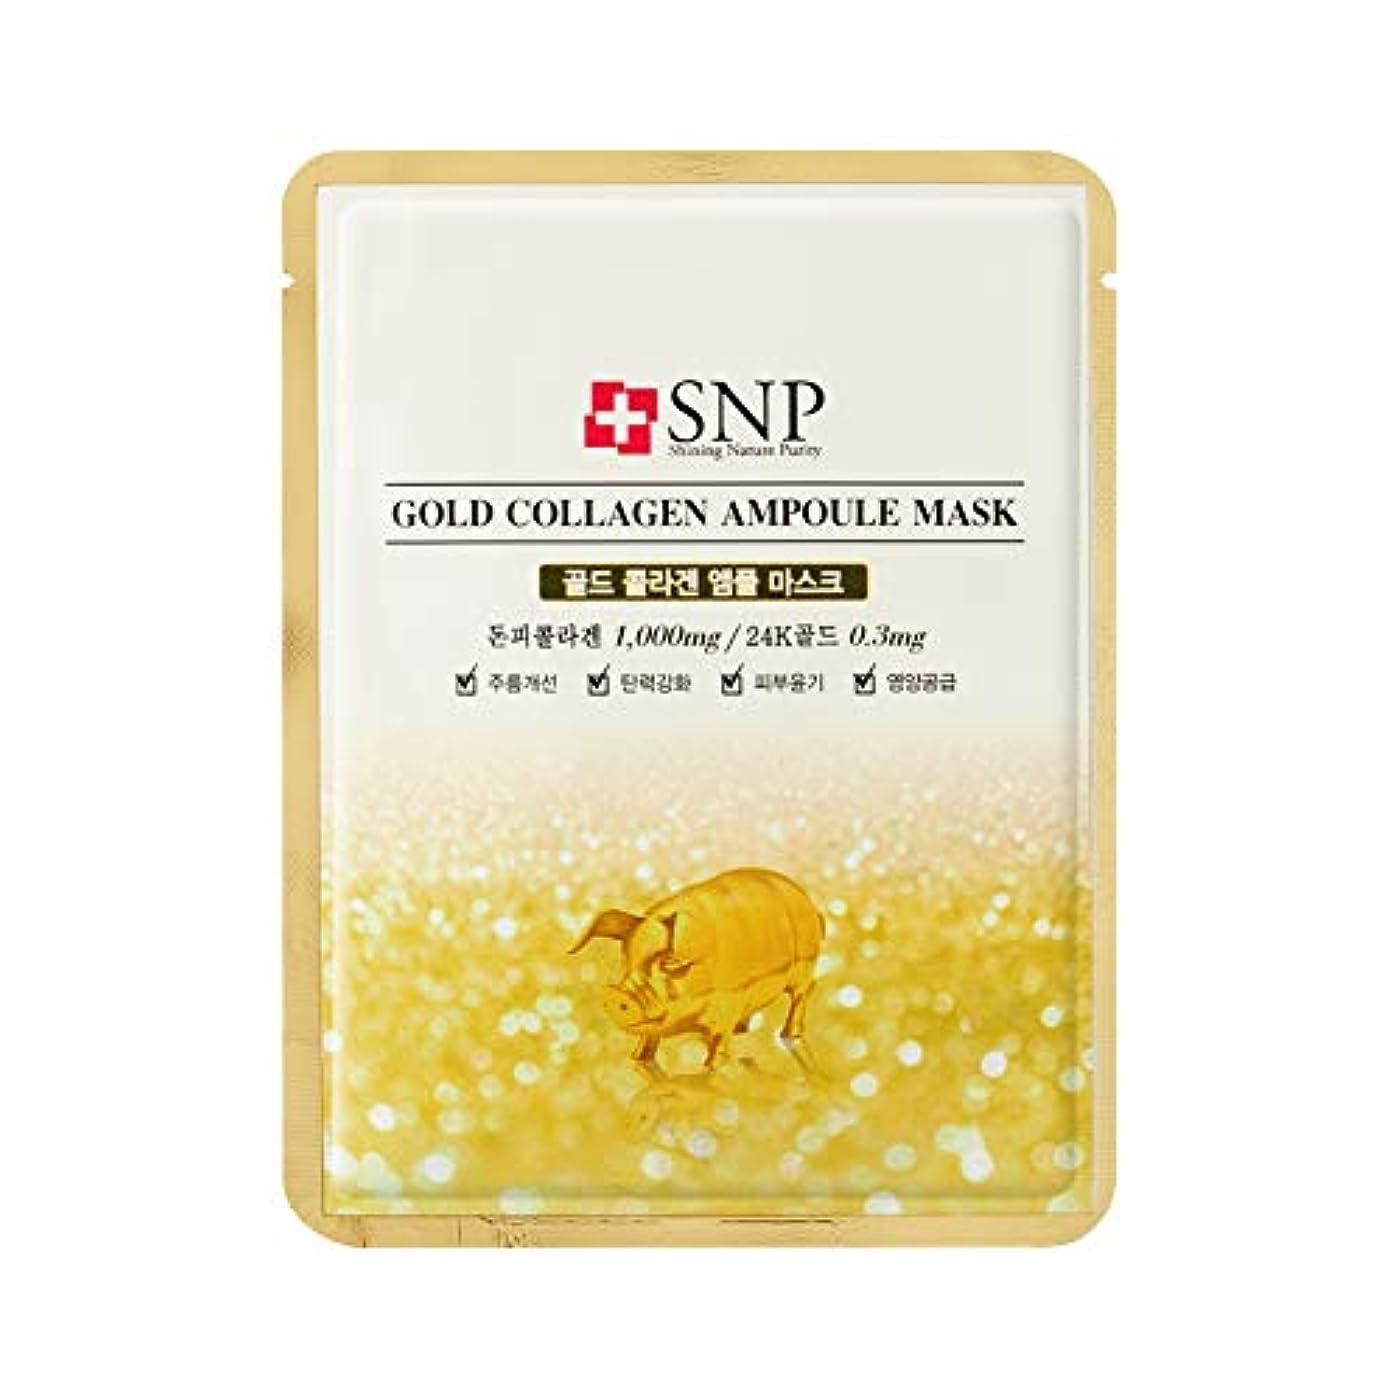 従来の豊かな死んでいる【SNP公式】ゴールドコラーゲンアンプルマスク10枚セット/Gold Collagen Ampoul Mask 25ml 韓国コスメ 韓国パック フェイスマスク マスクパック 保湿